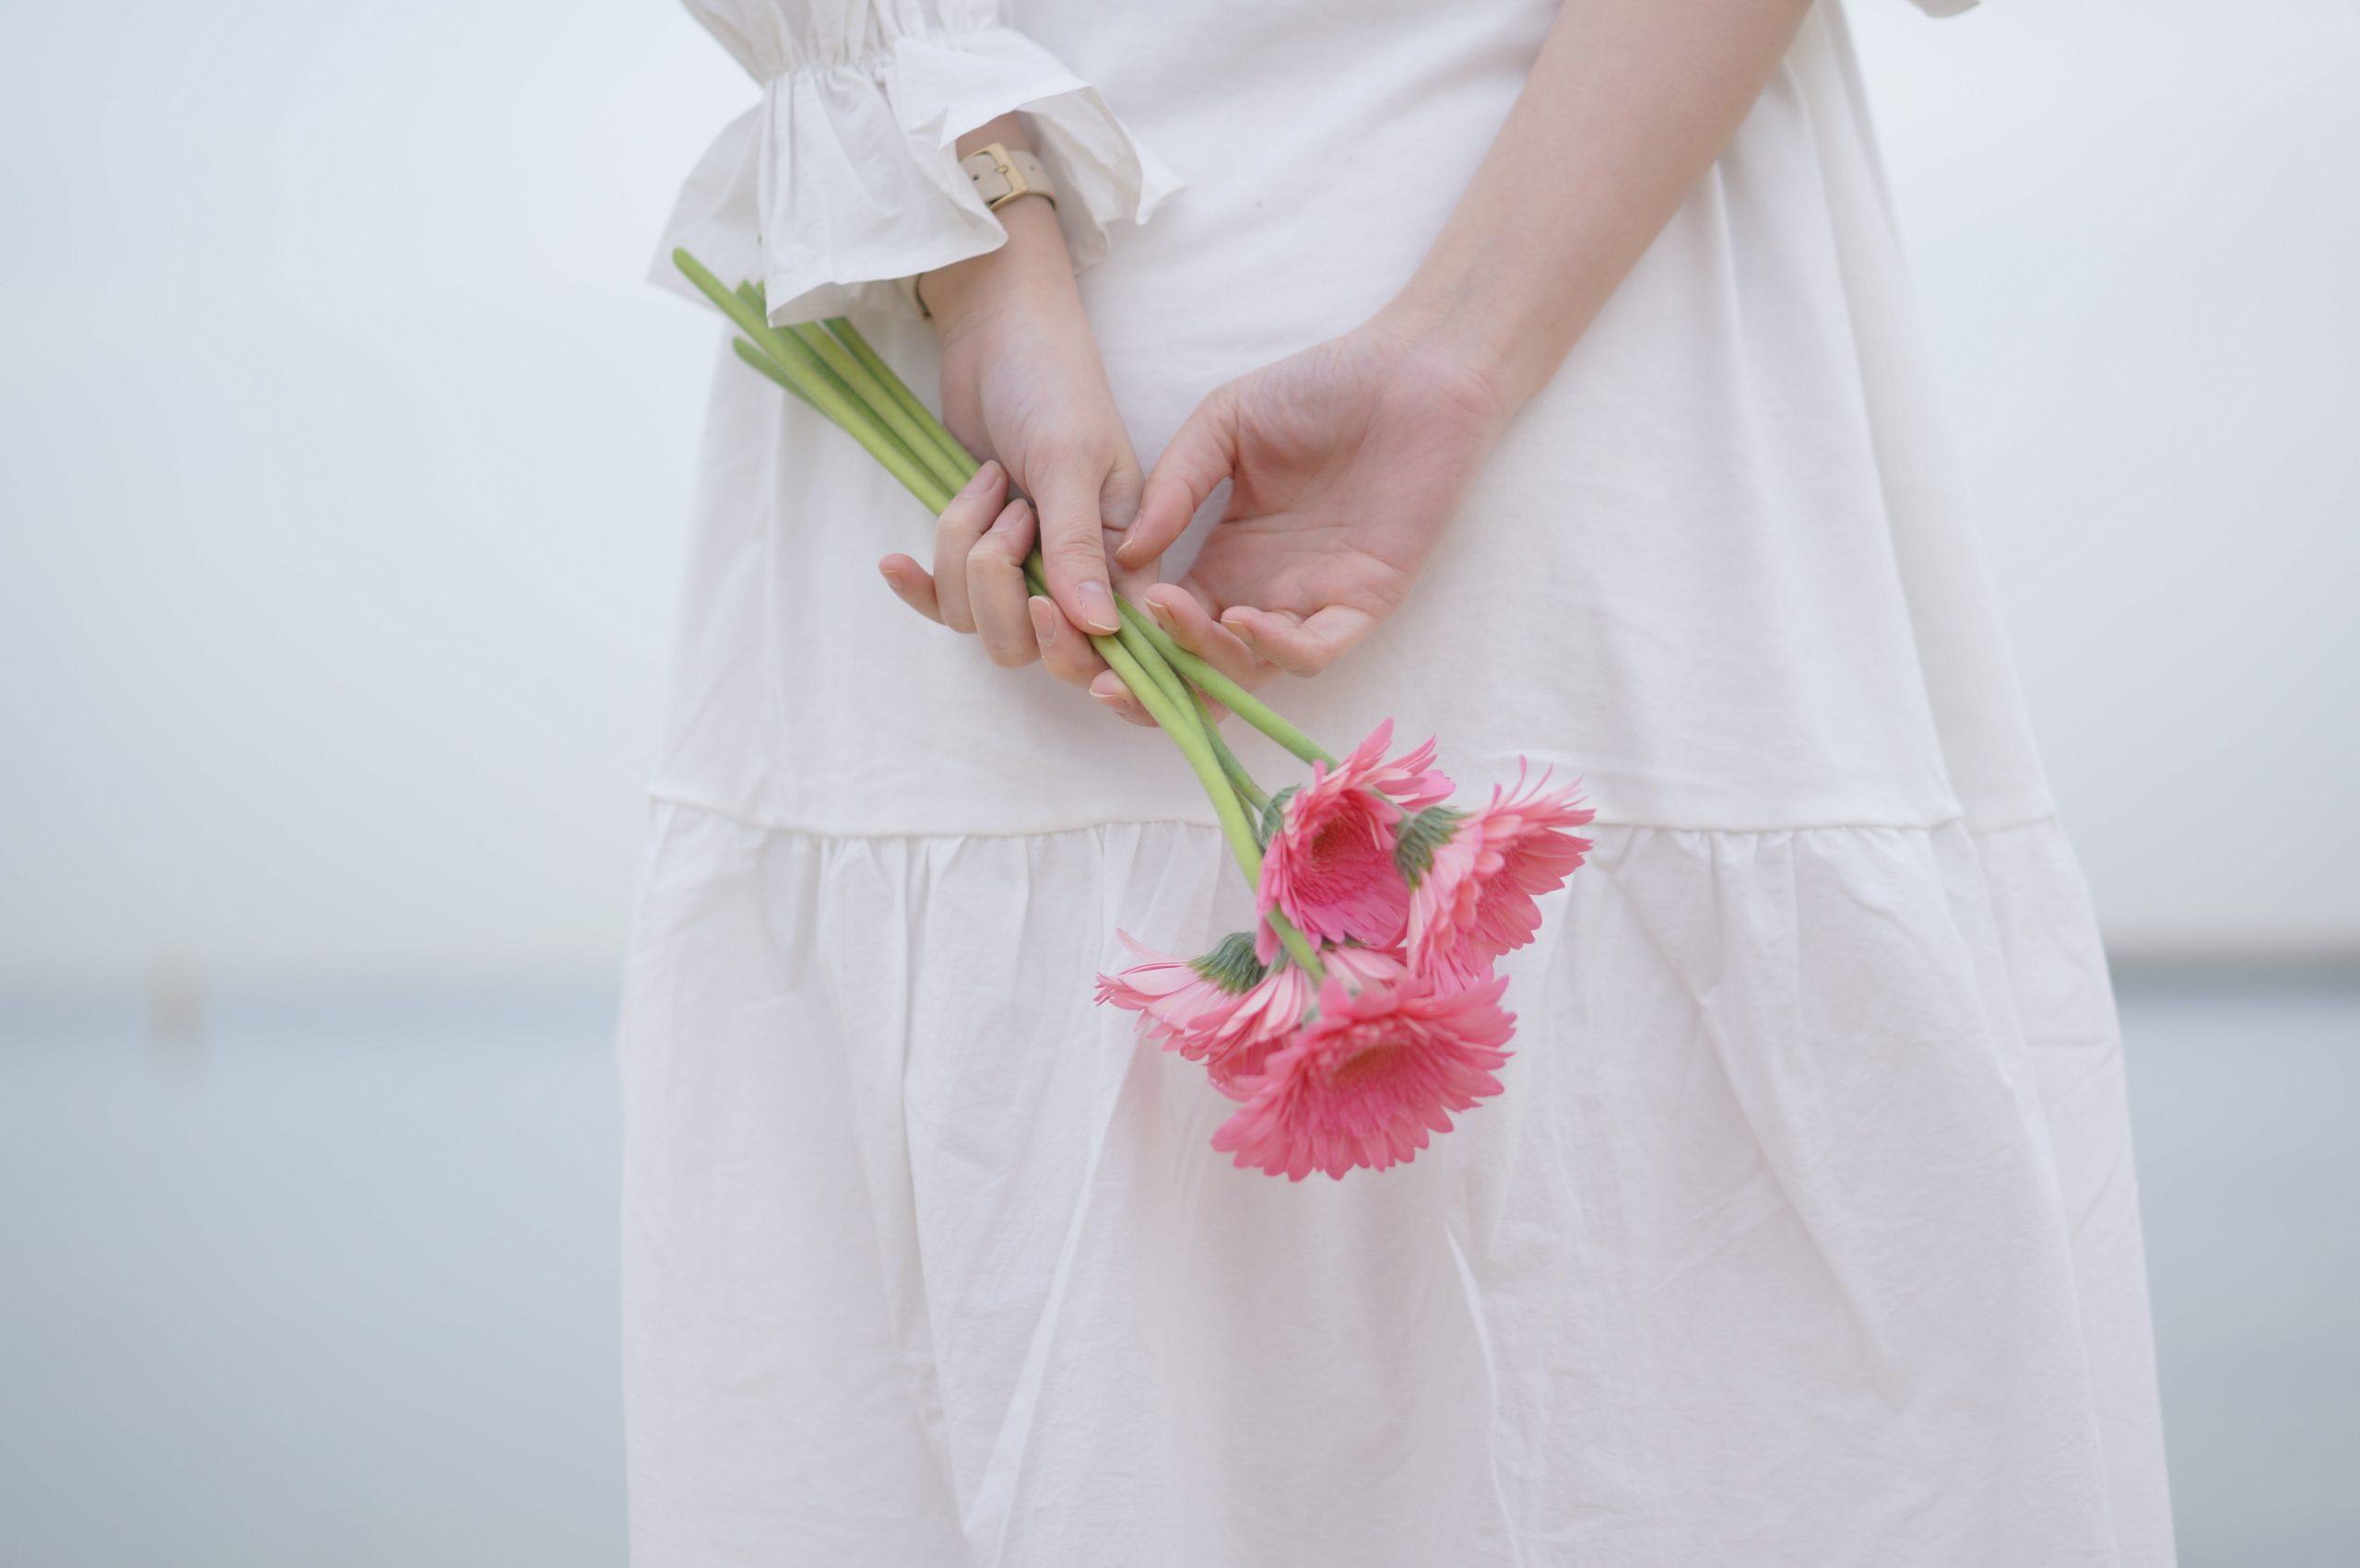 背中でお花を持つ女性